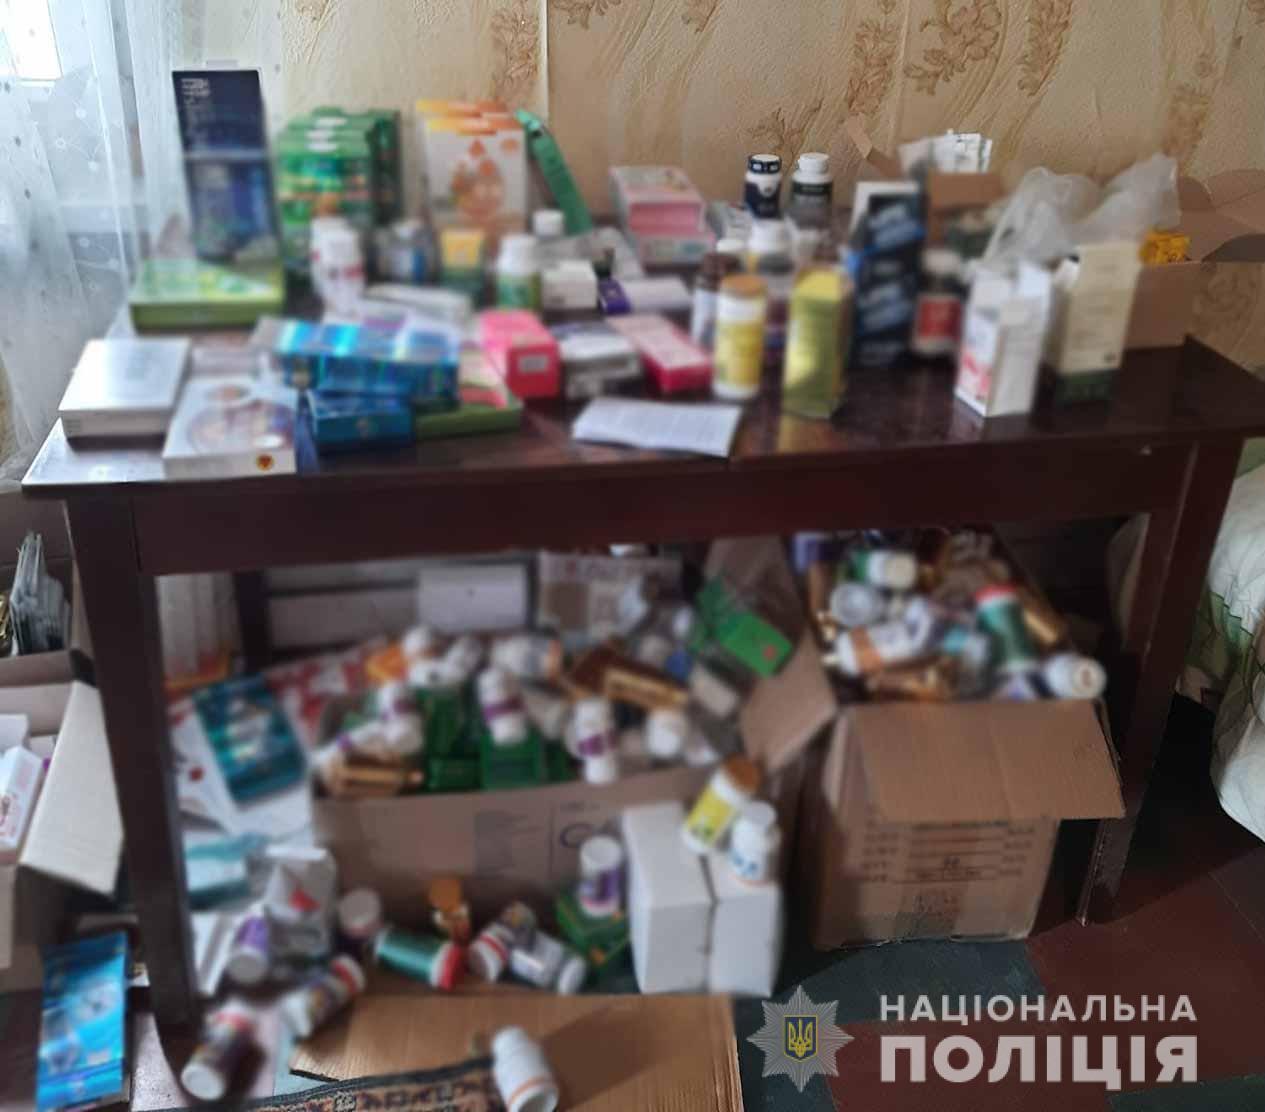 Українцям продавали наркотики під виглядом таблеток для схуднення